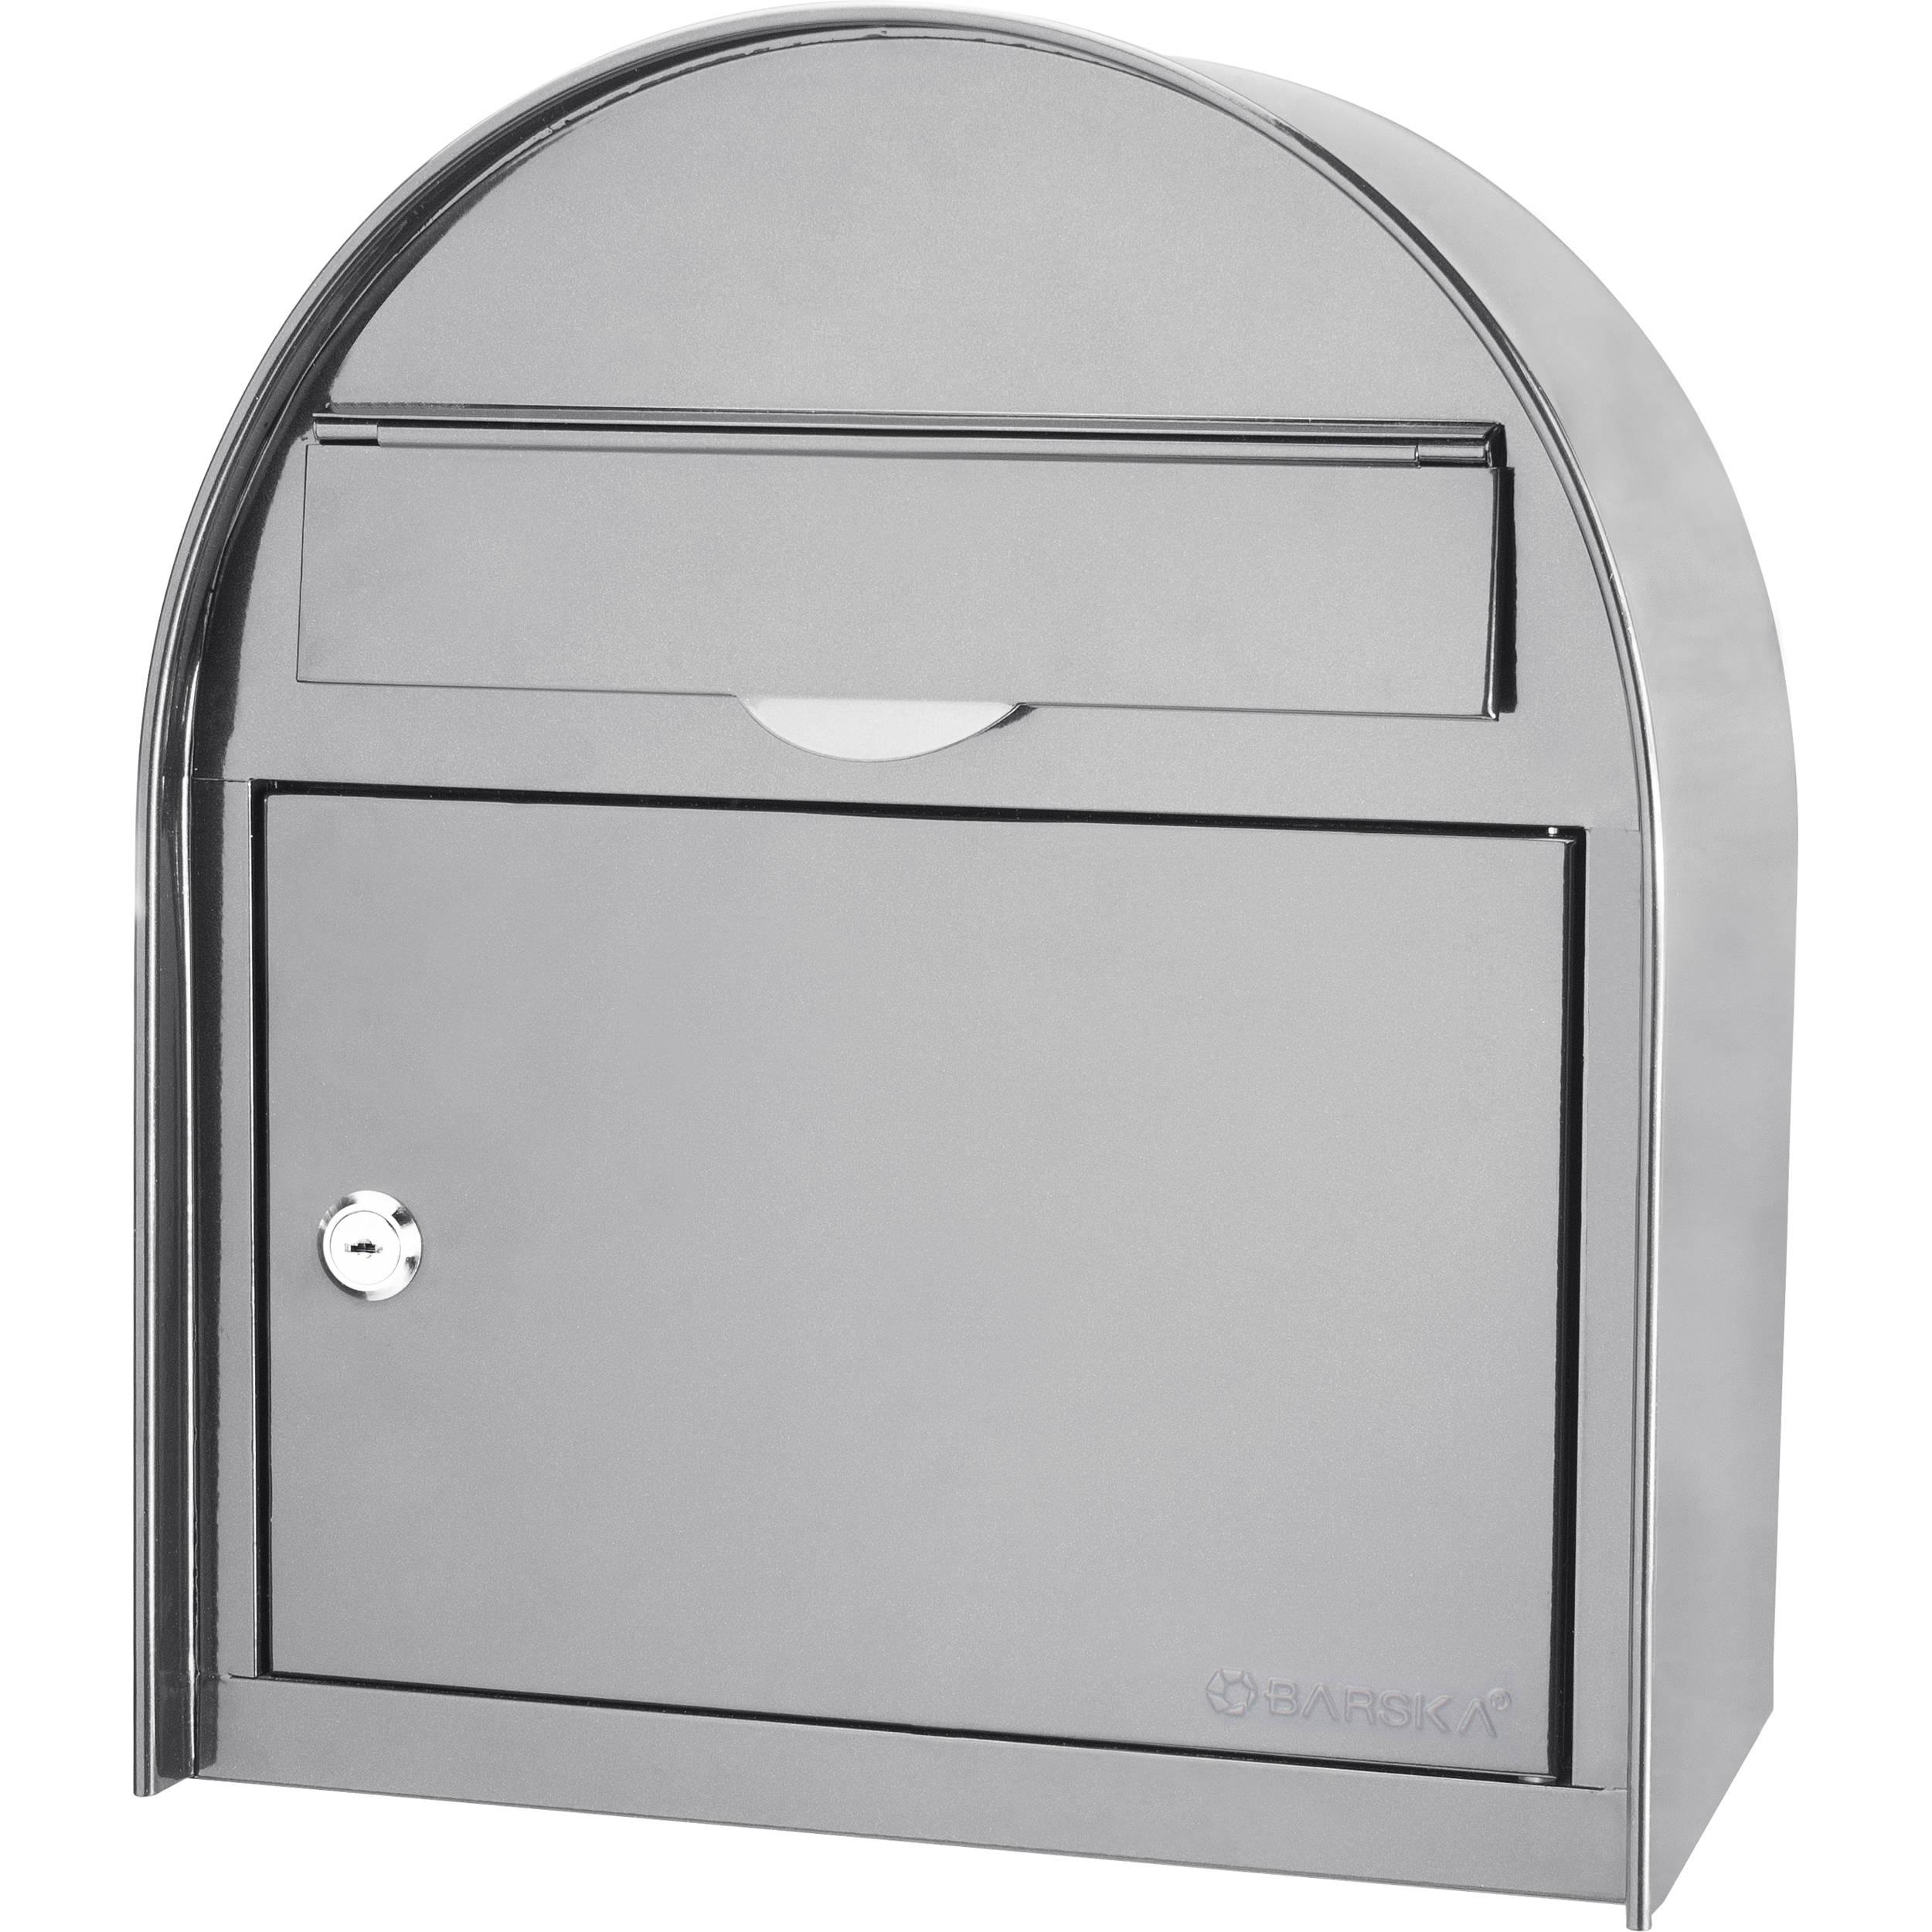 Barska Locking Wall Mount Mailbox Large White